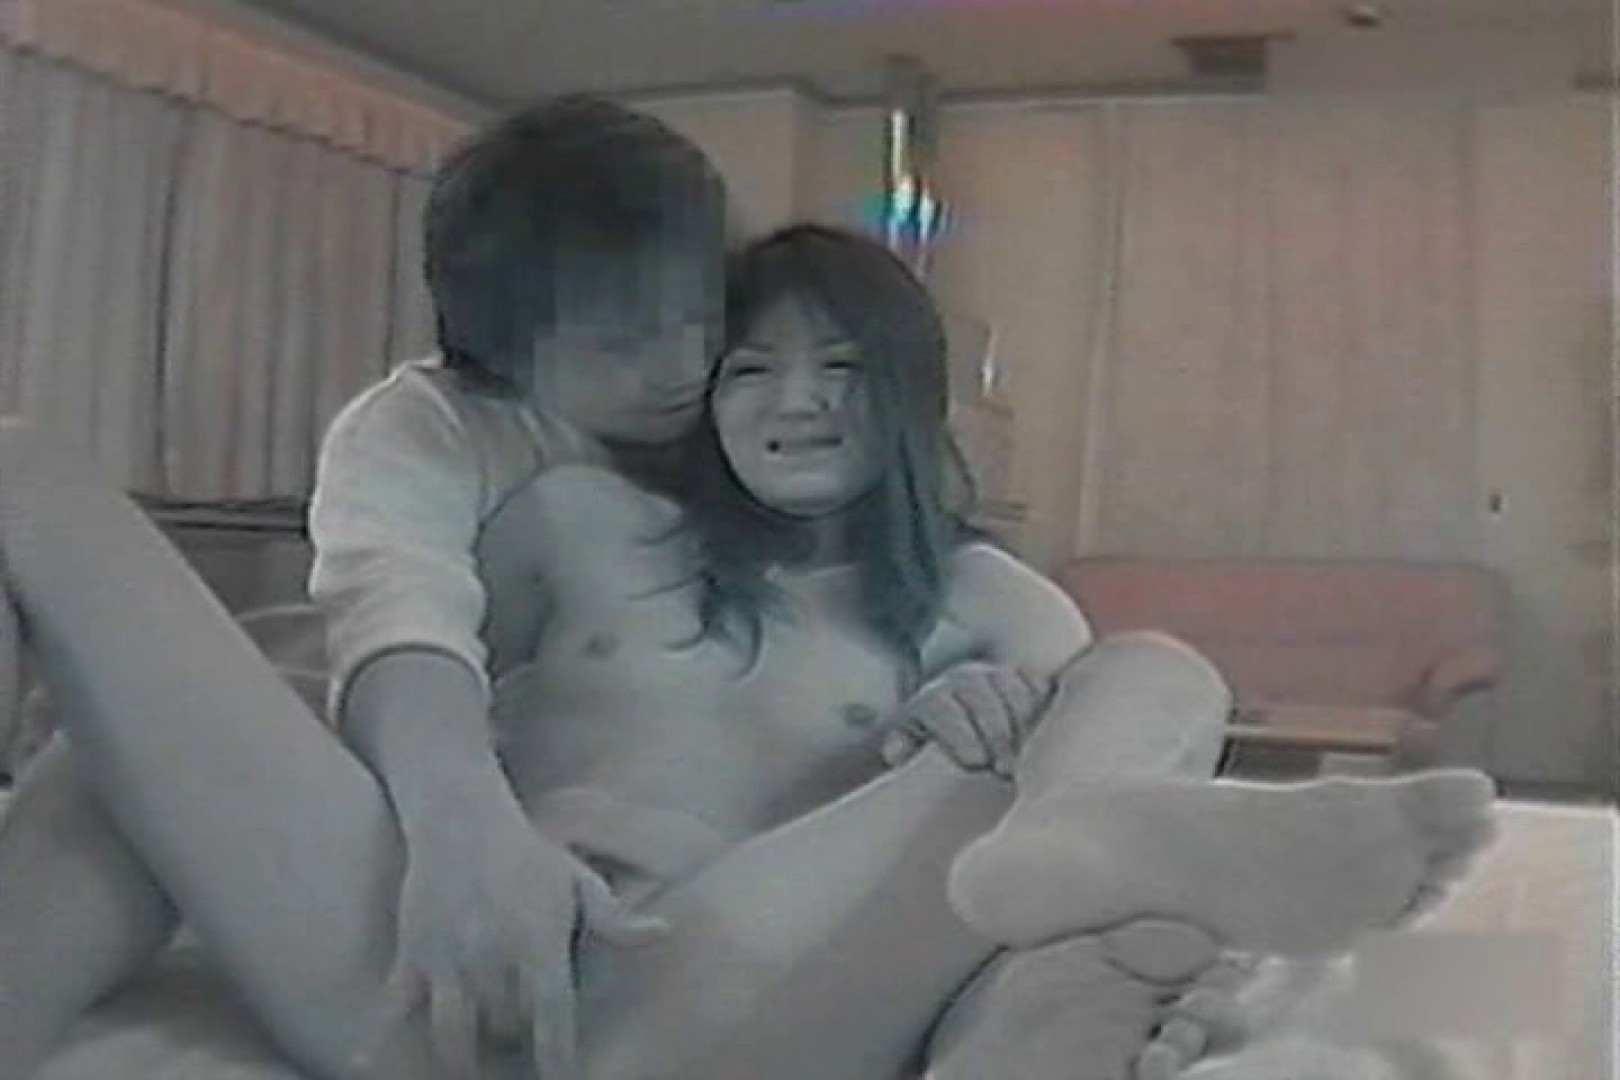 素人嬢をホテルに連れ込みアンナ事・コンナ事!?Vol.10 素人エロ投稿 ヌード画像 95画像 86